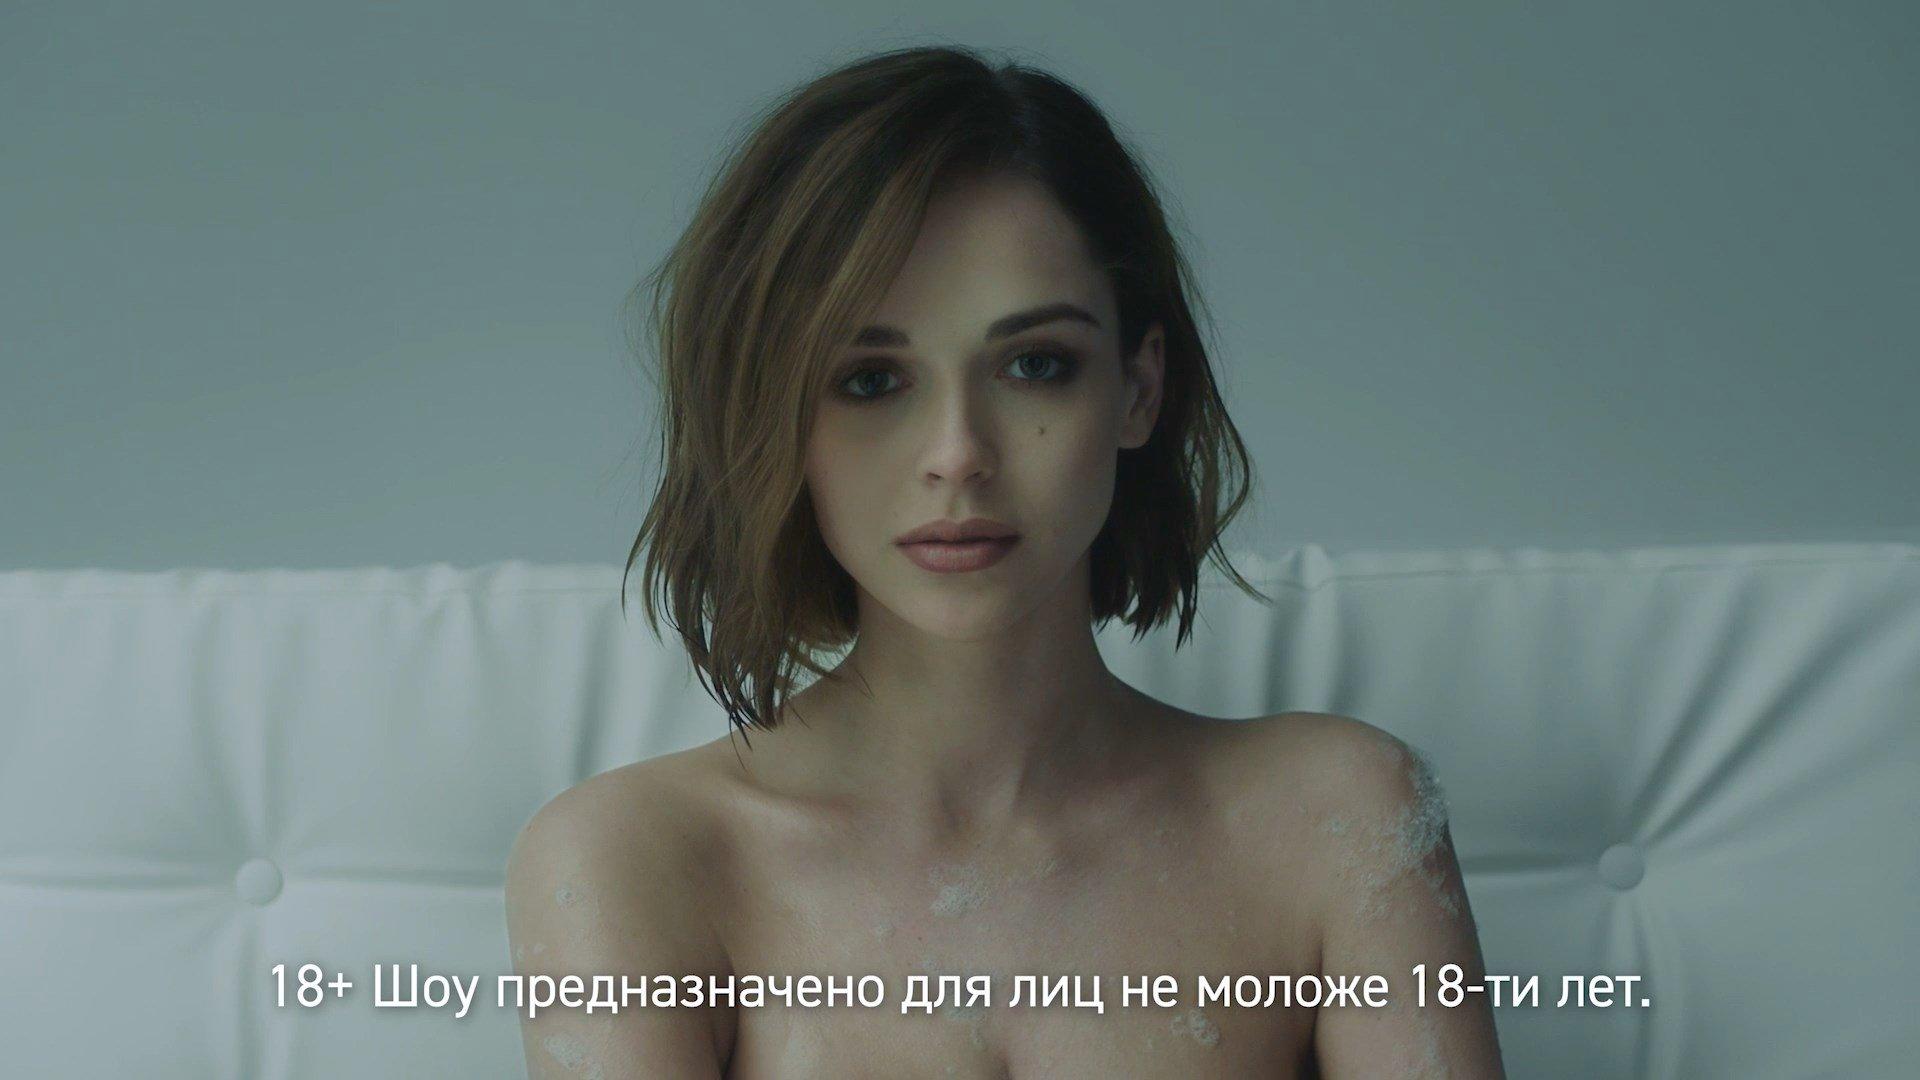 Cleavage Porno Sofia Sinitsyna naked photo 2017